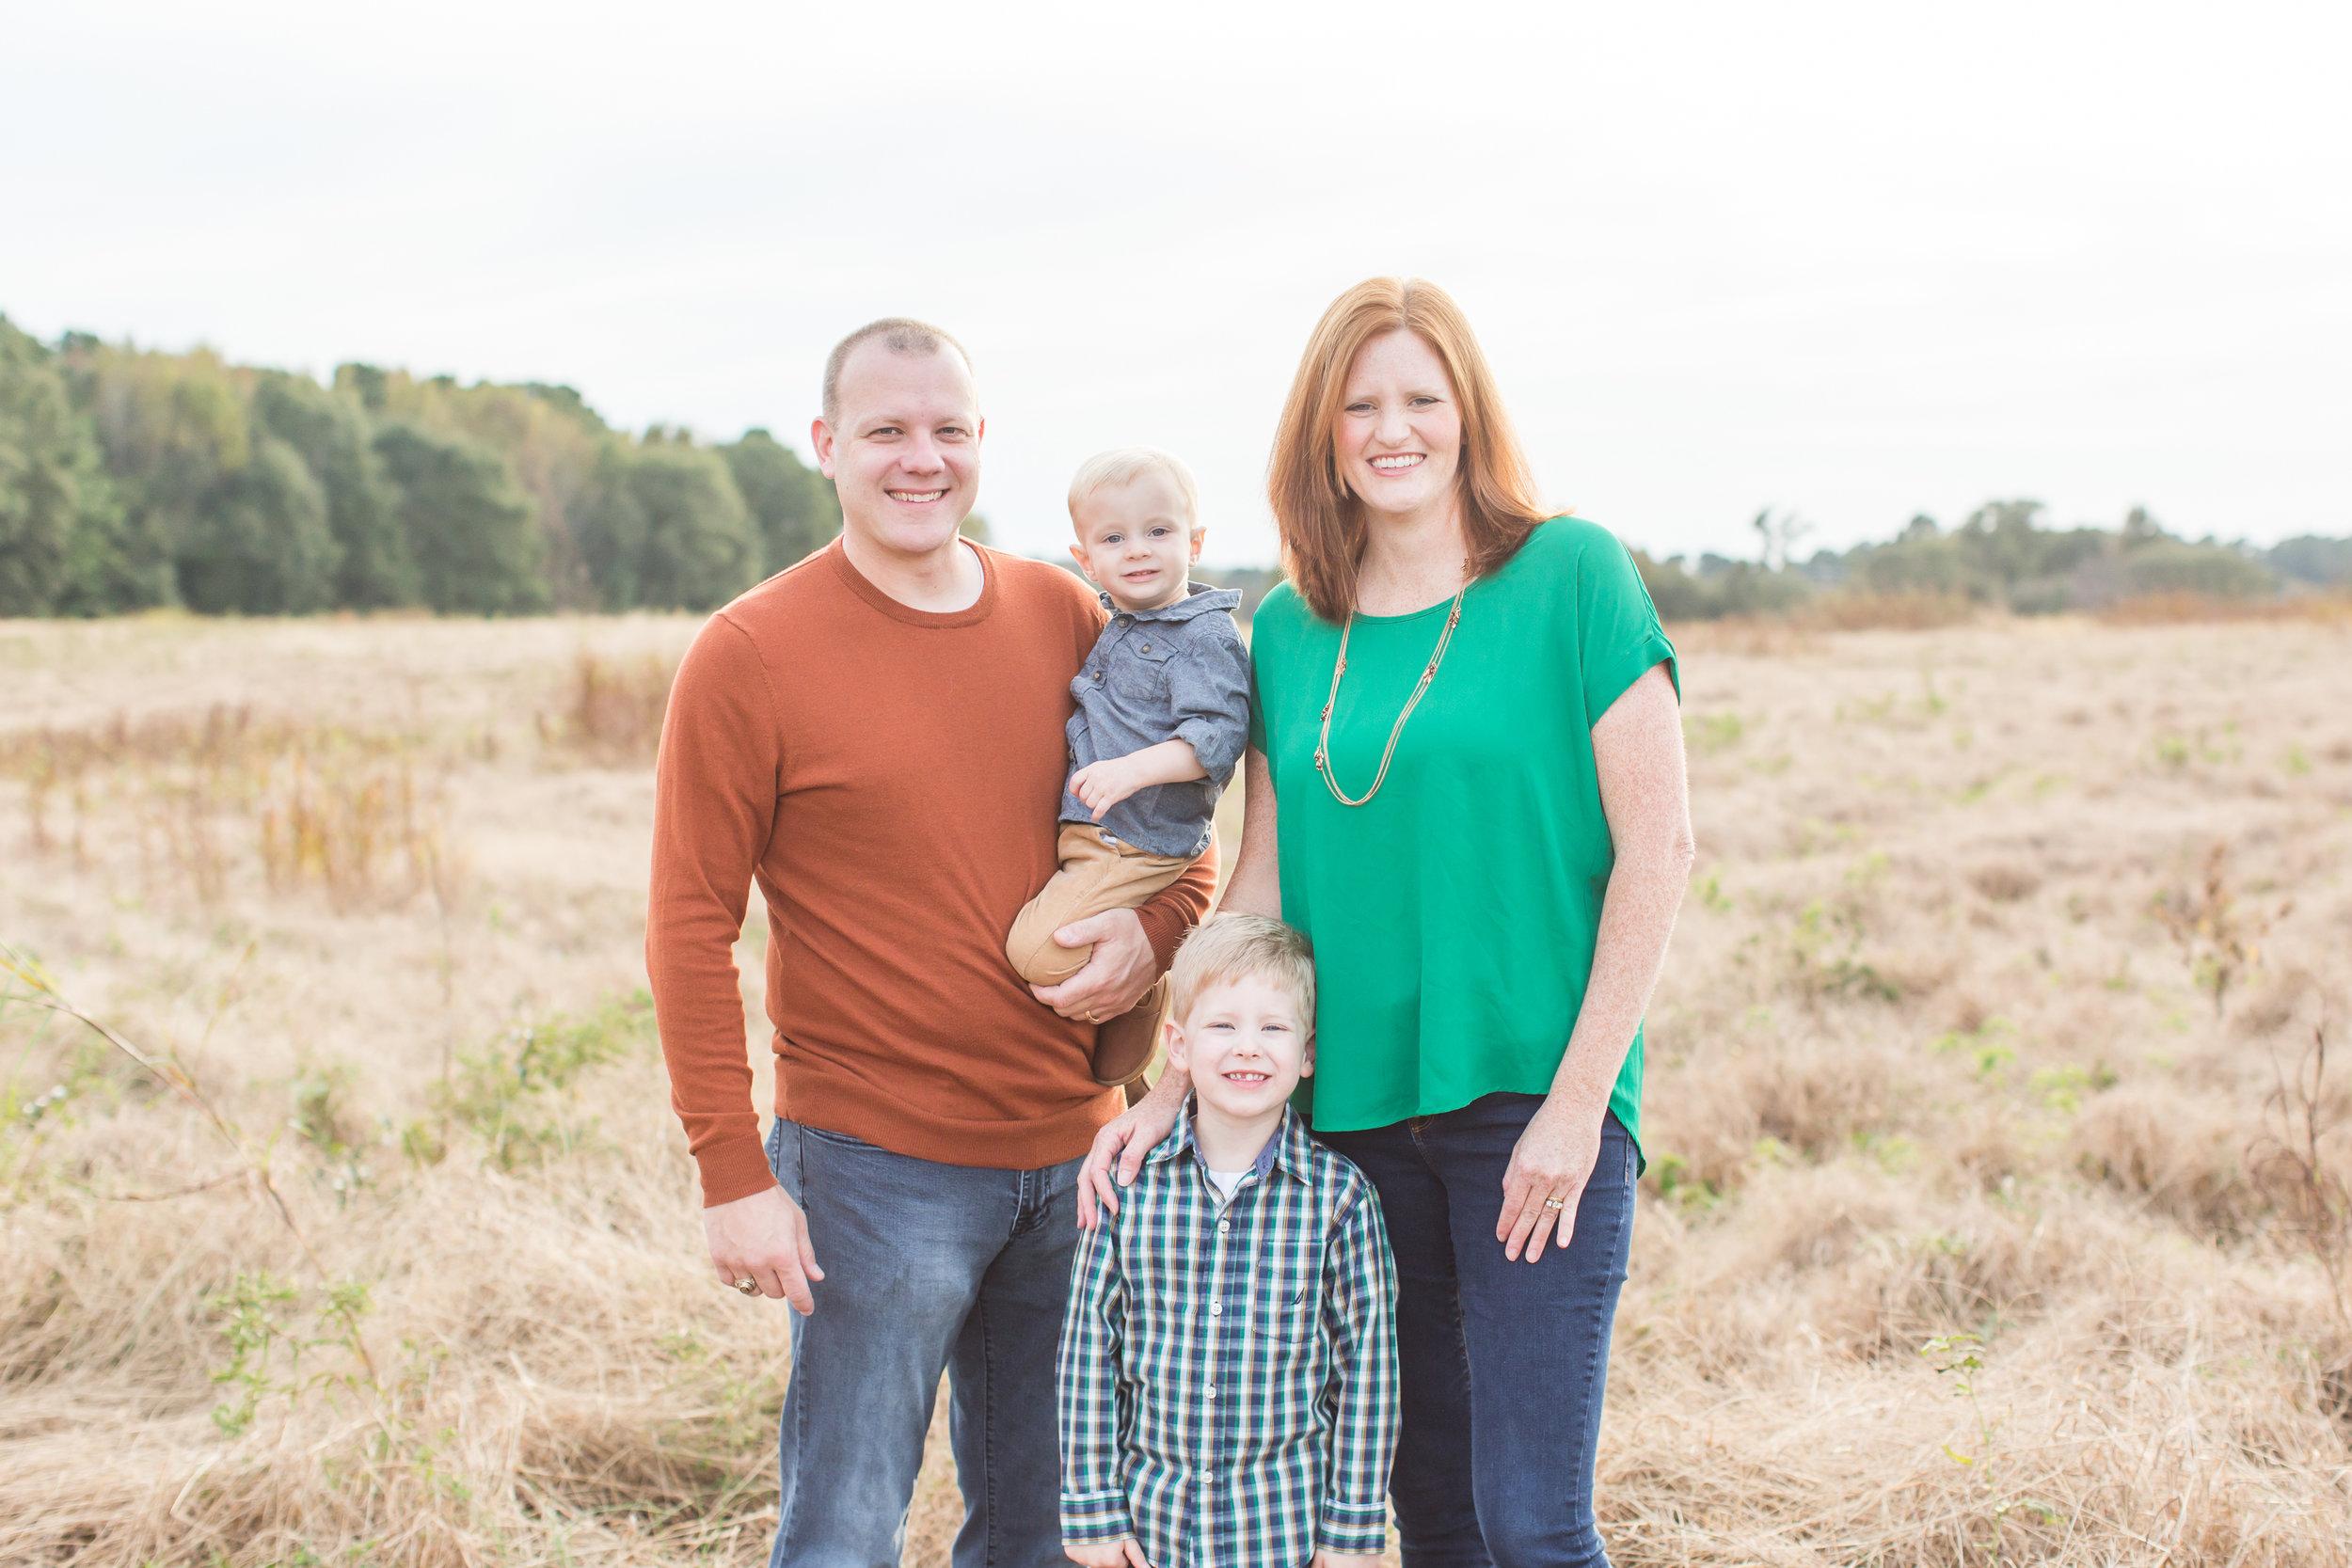 amy family photos blog-1.jpg